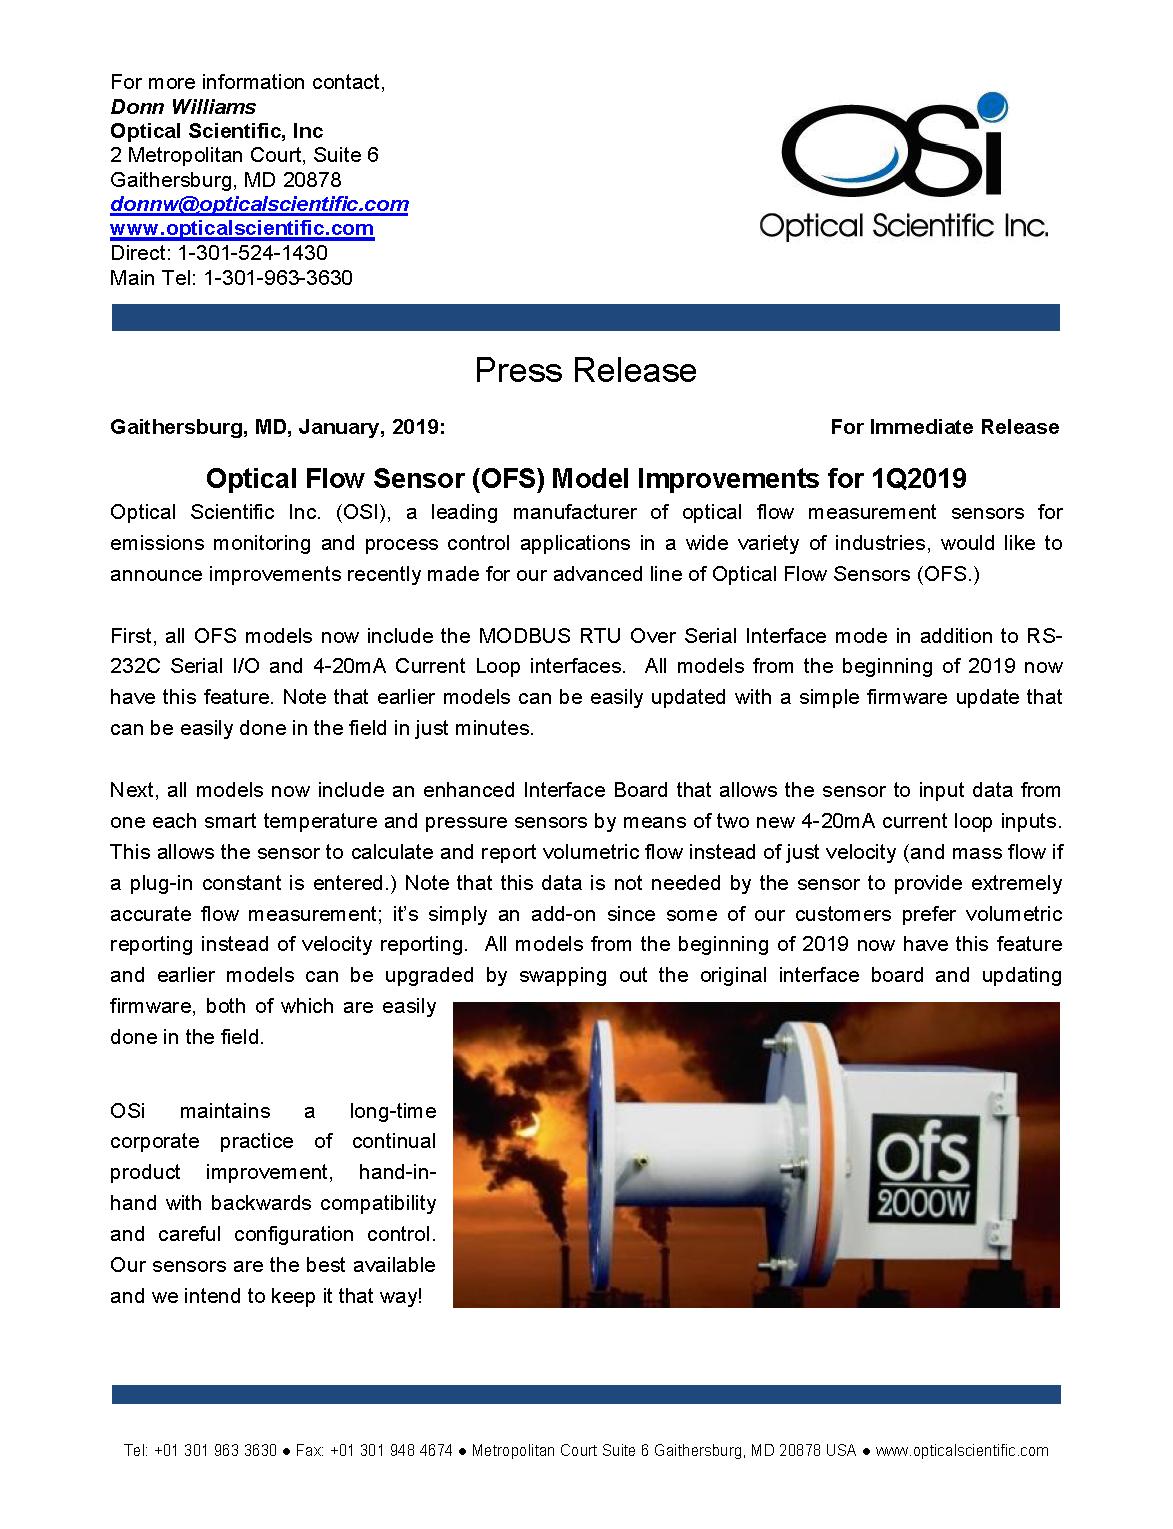 2019 Press Release